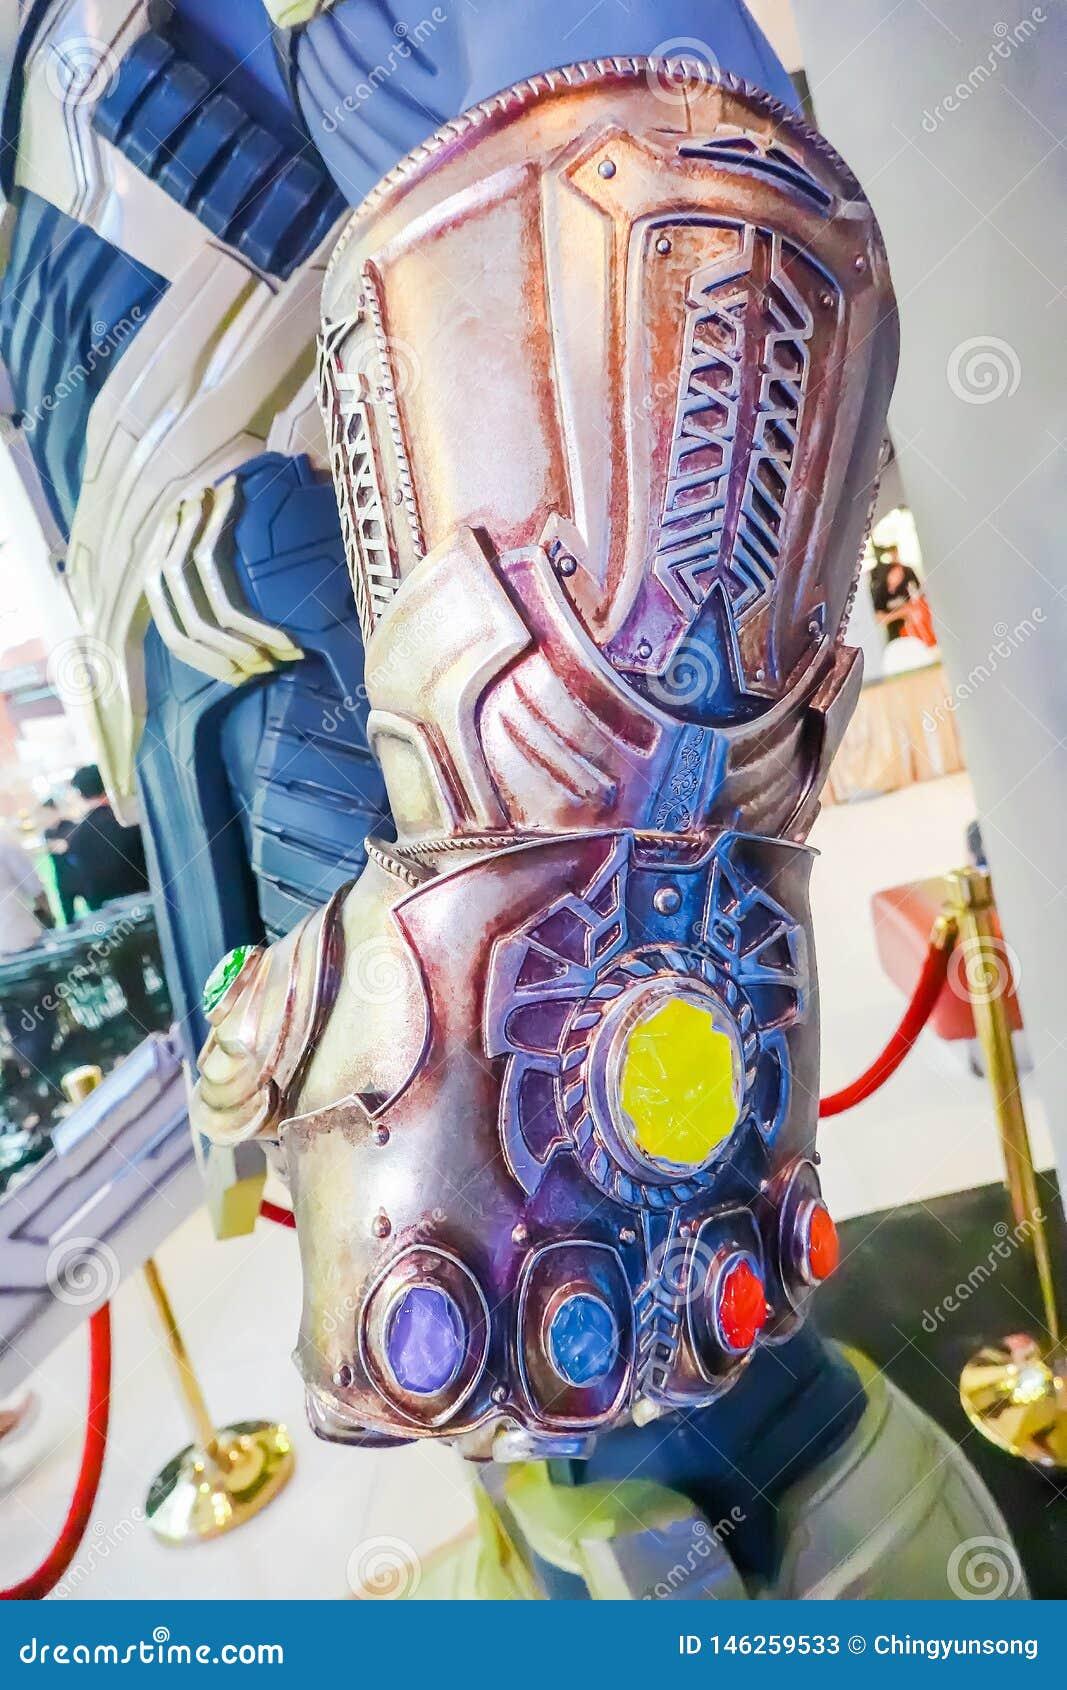 Il modello di Thanos Mighty Glove Infinity Gauntlet alla persona in piedi dei vendicatori 4 di film del supereroe di meraviglia: